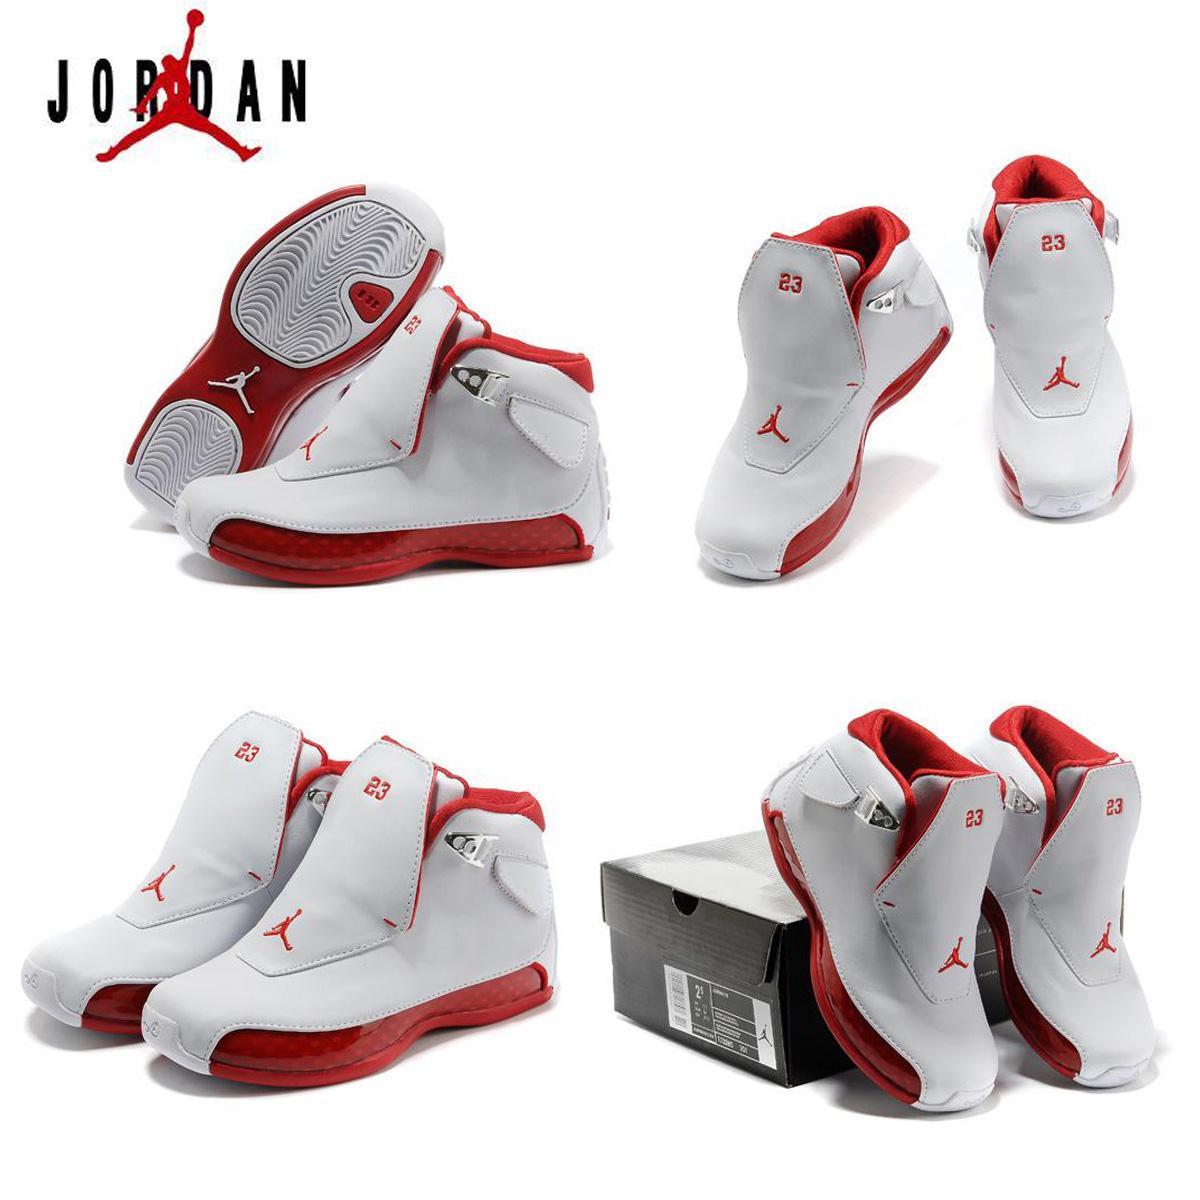 Air Jordan XVIII (18) Retro-3